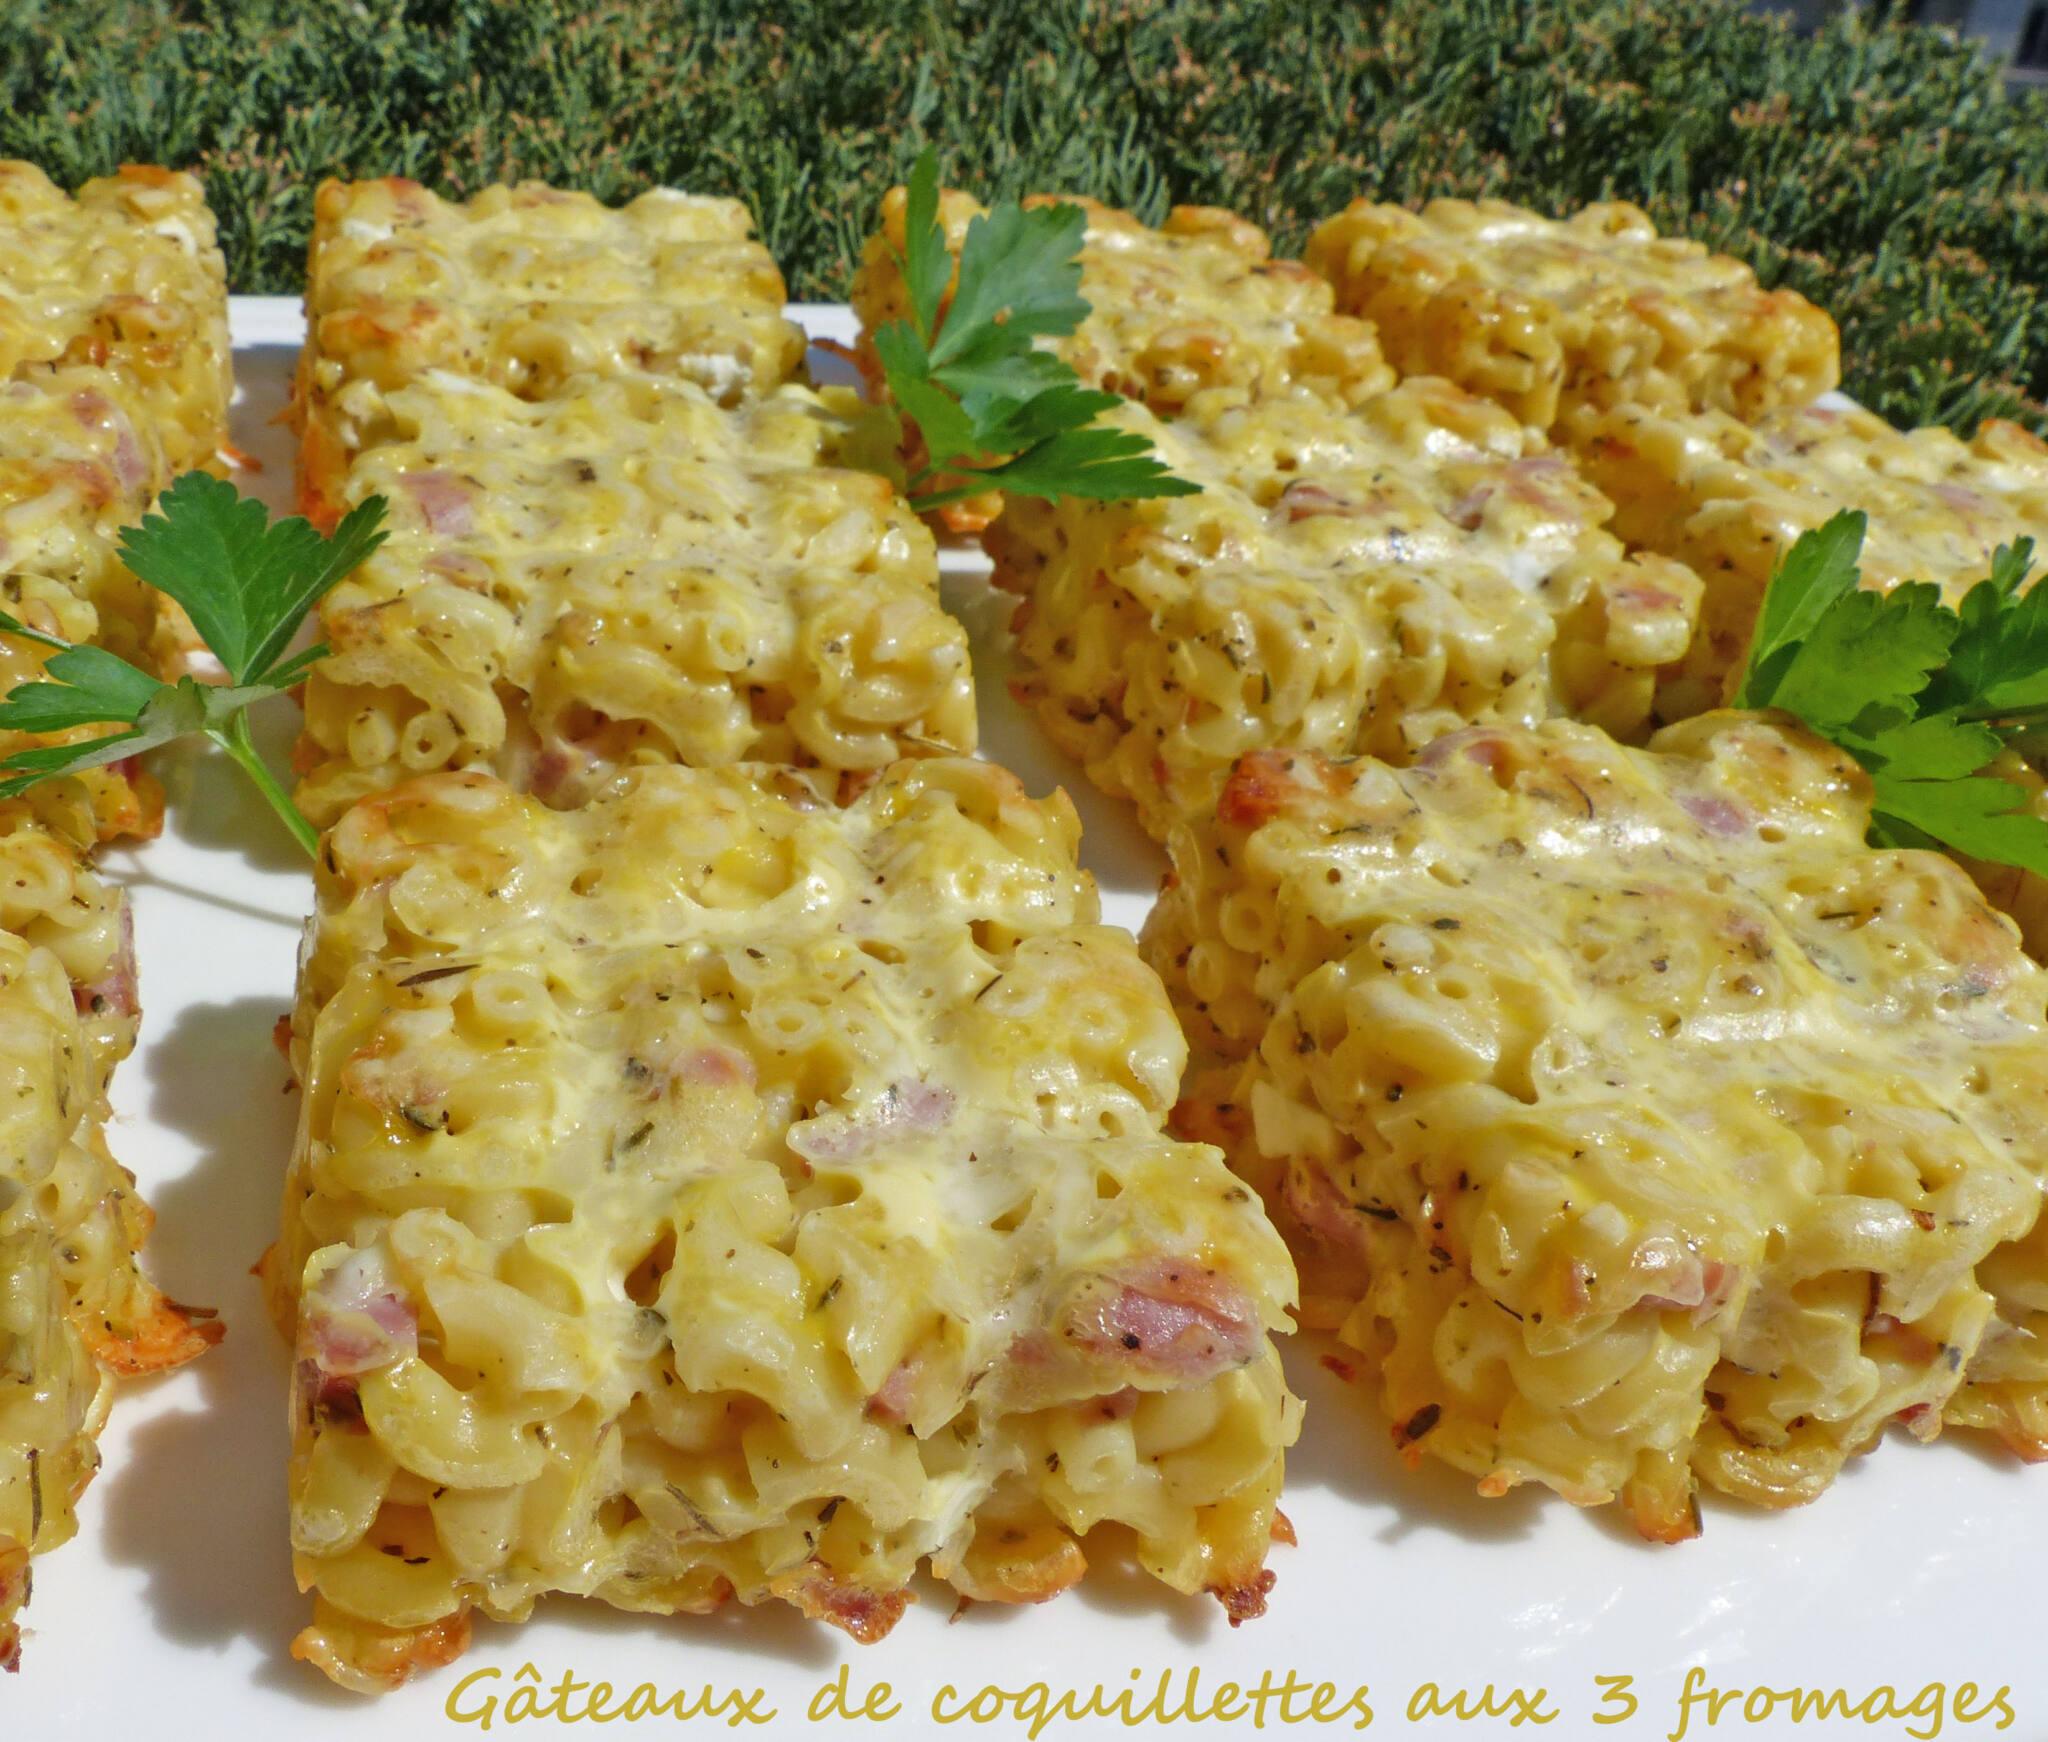 Gâteaux de coquillettes aux 3 fromages P1240053 R